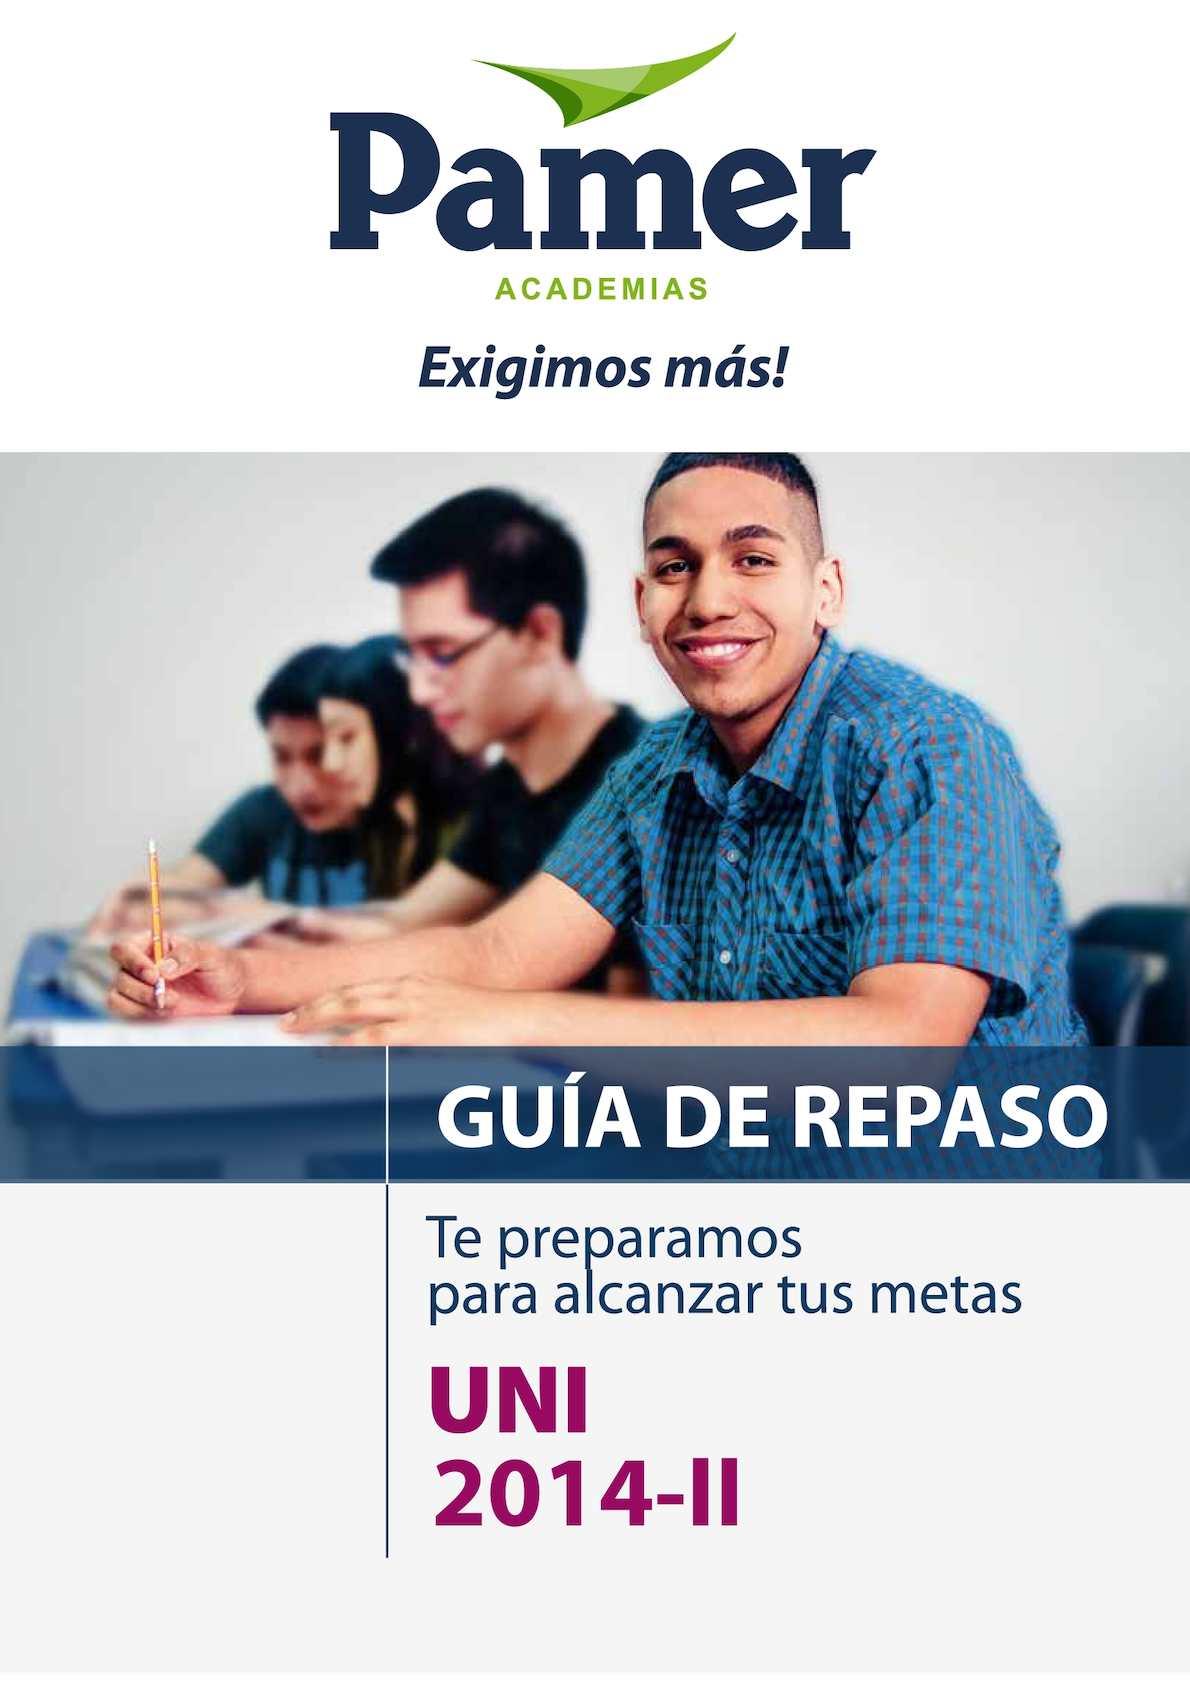 REPASO PAMER UNI 2014 - II